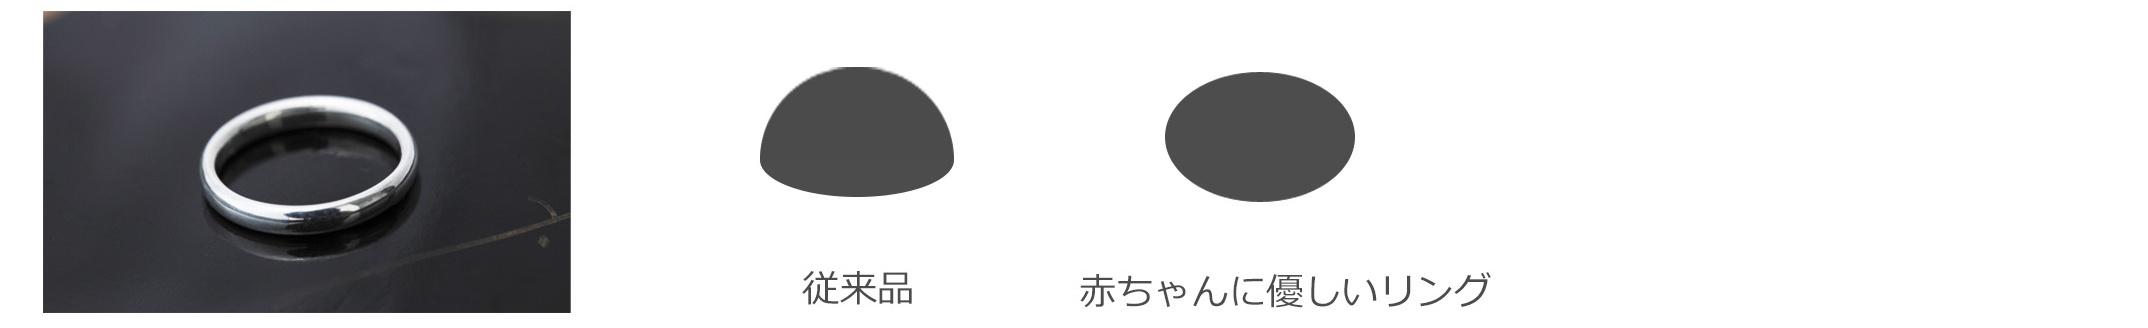 吉祥寺 ブライダル design studio Emu